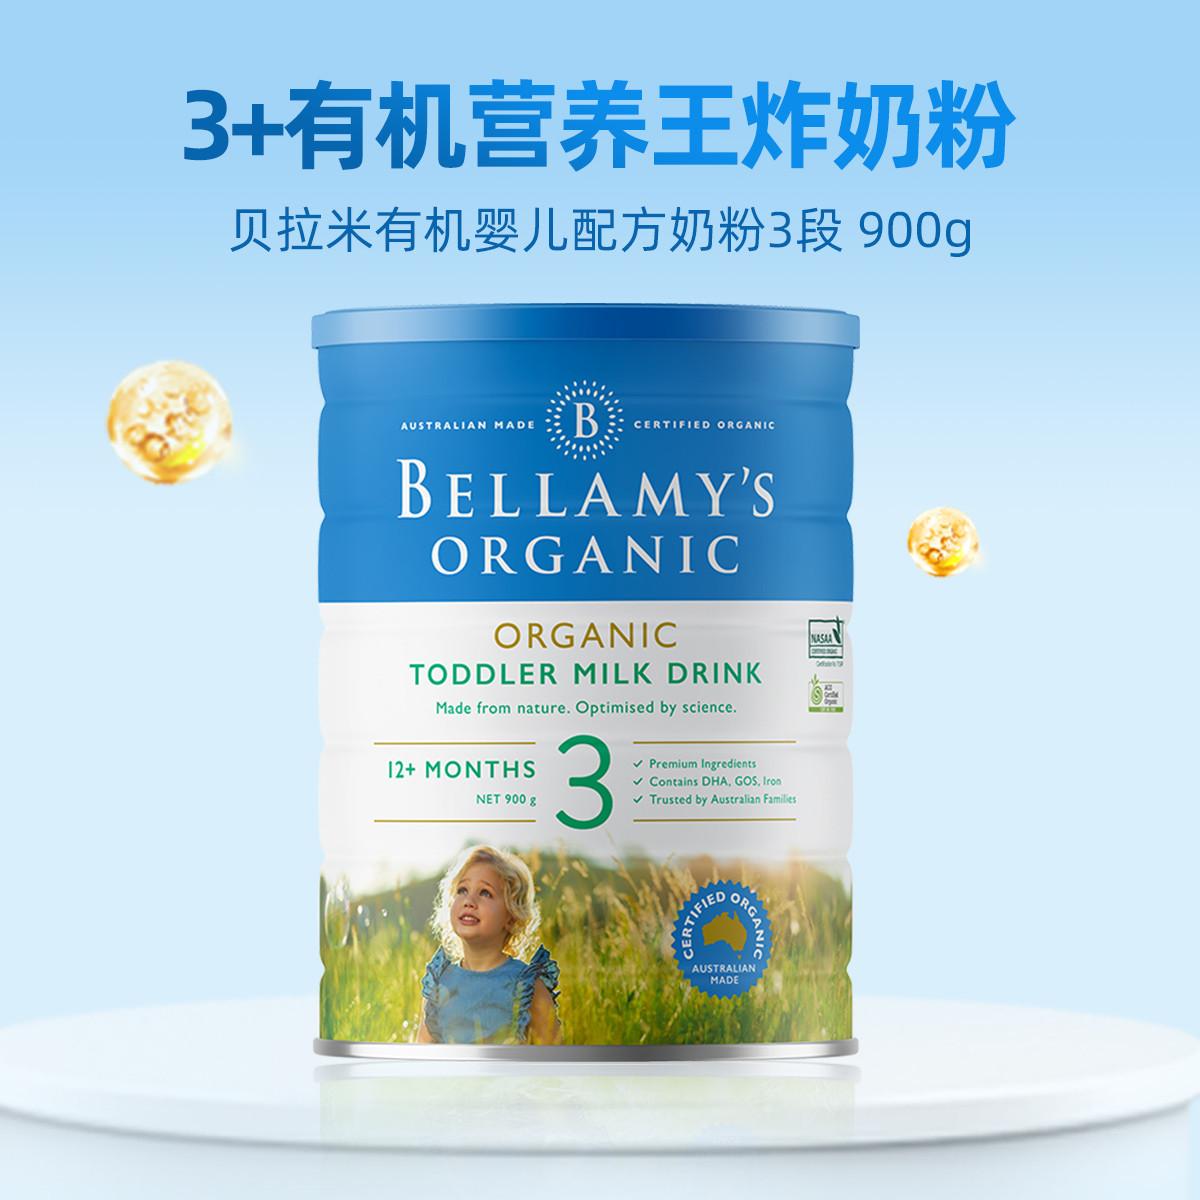 罐底溯源 Bellamy's贝拉米有机婴儿配方奶粉3段 900g